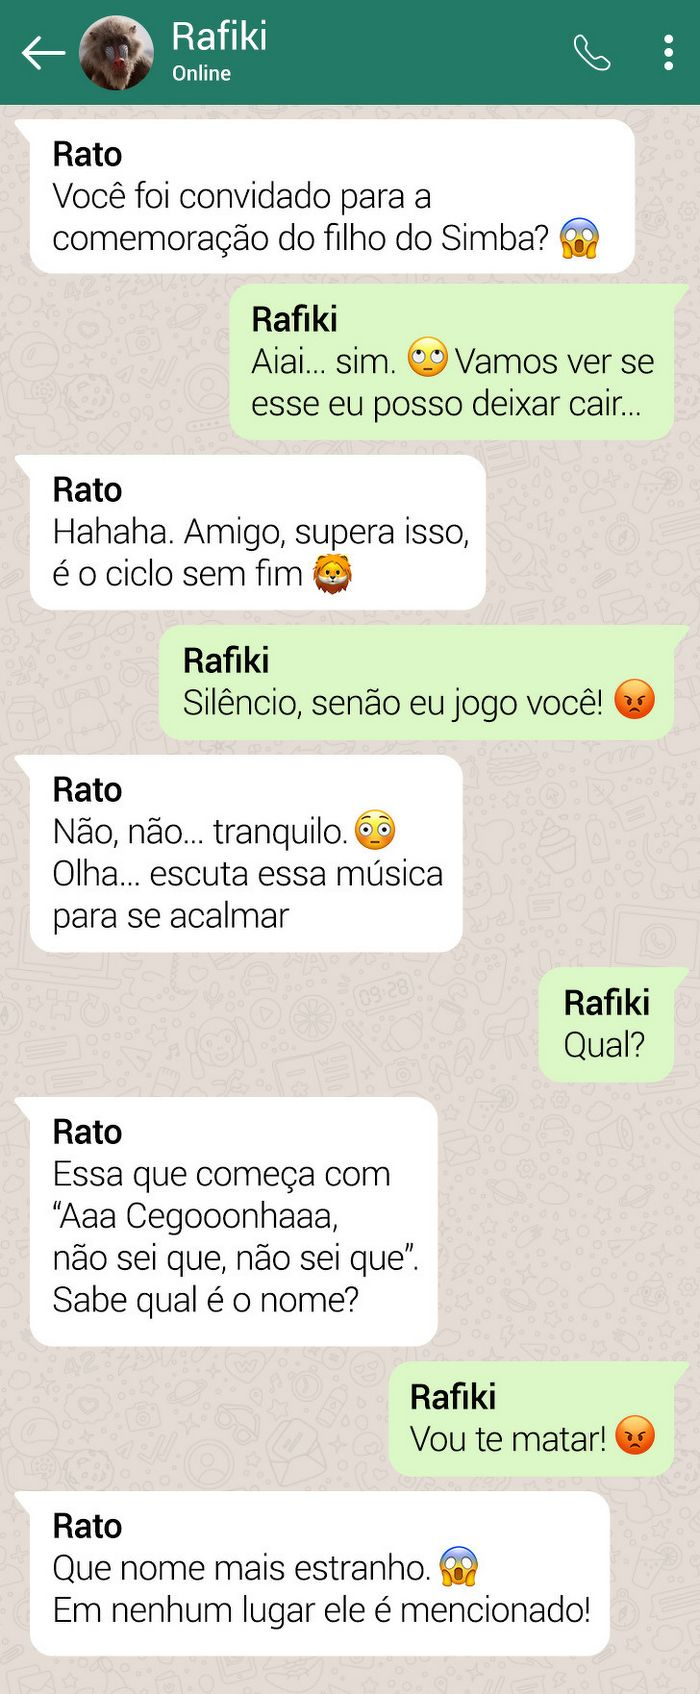 15 conversas dos personagens do Rei Leão pelo WhatsApp 3